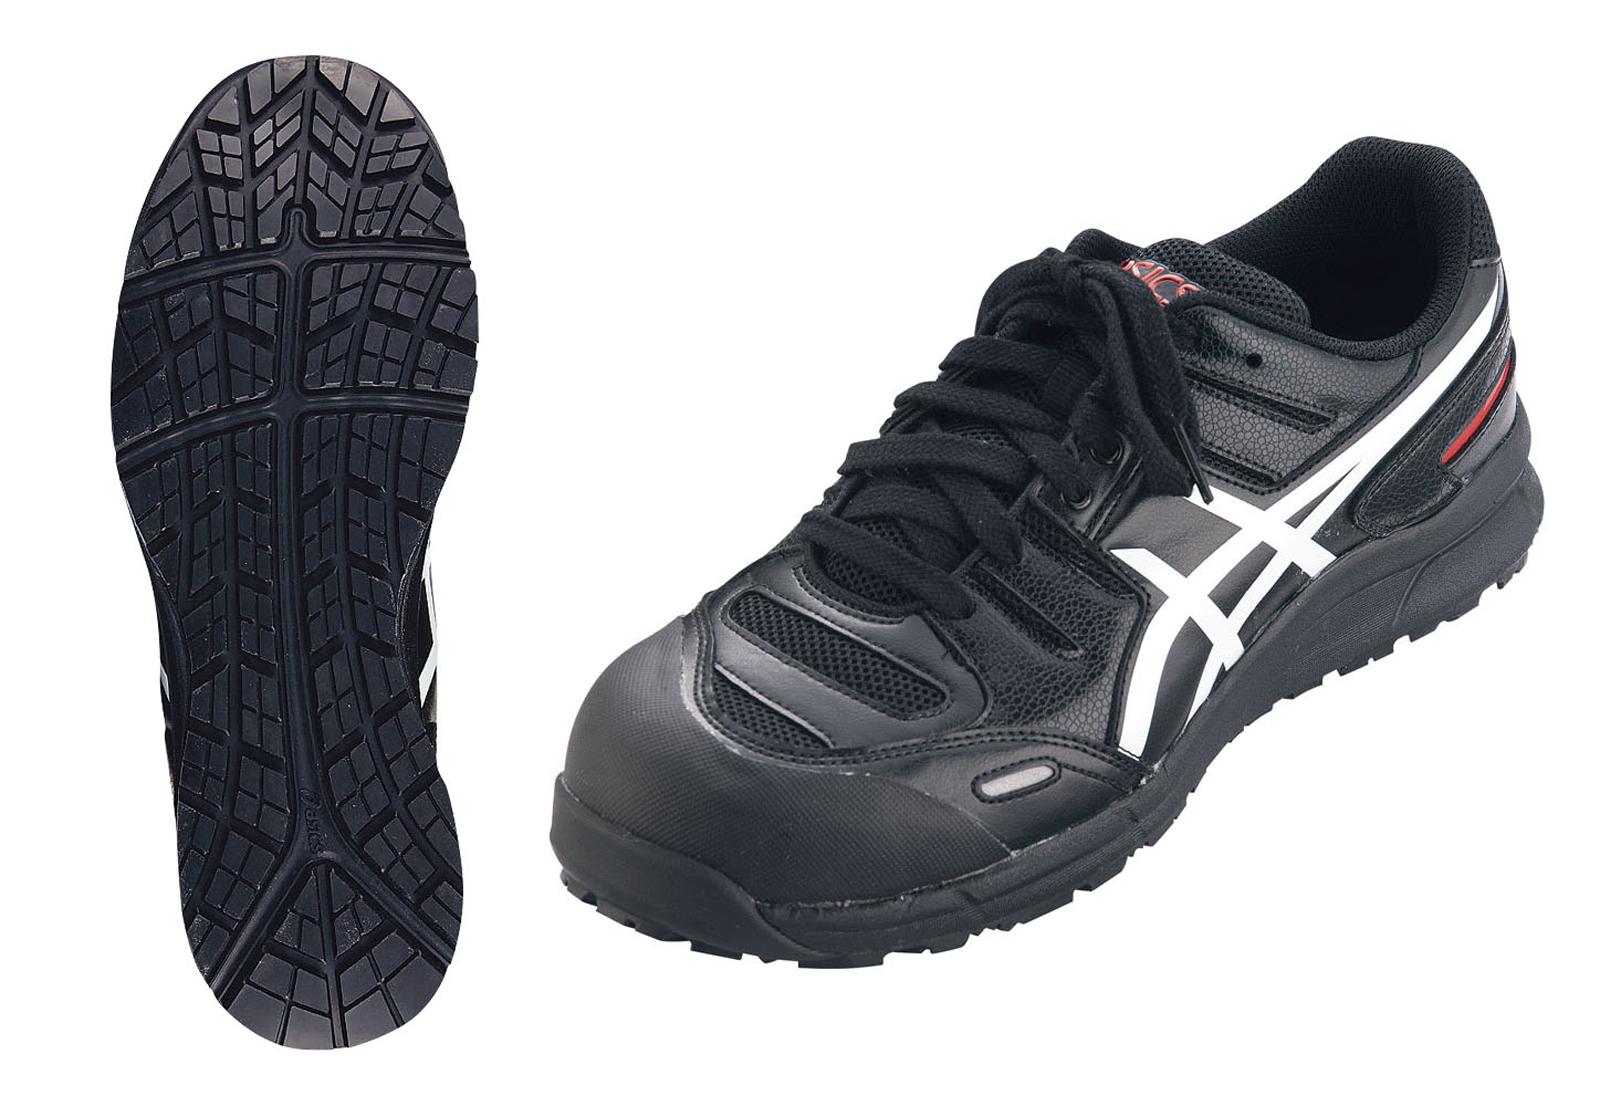 アシックス ウィンジョブ安全靴CP103 BK×ホワイト 28.0cm 【厨房用品 長靴 白衣 靴 サンダル スリッパ 業務用 販売 通販】 [7-1369-0809 6-1309-0809 ]